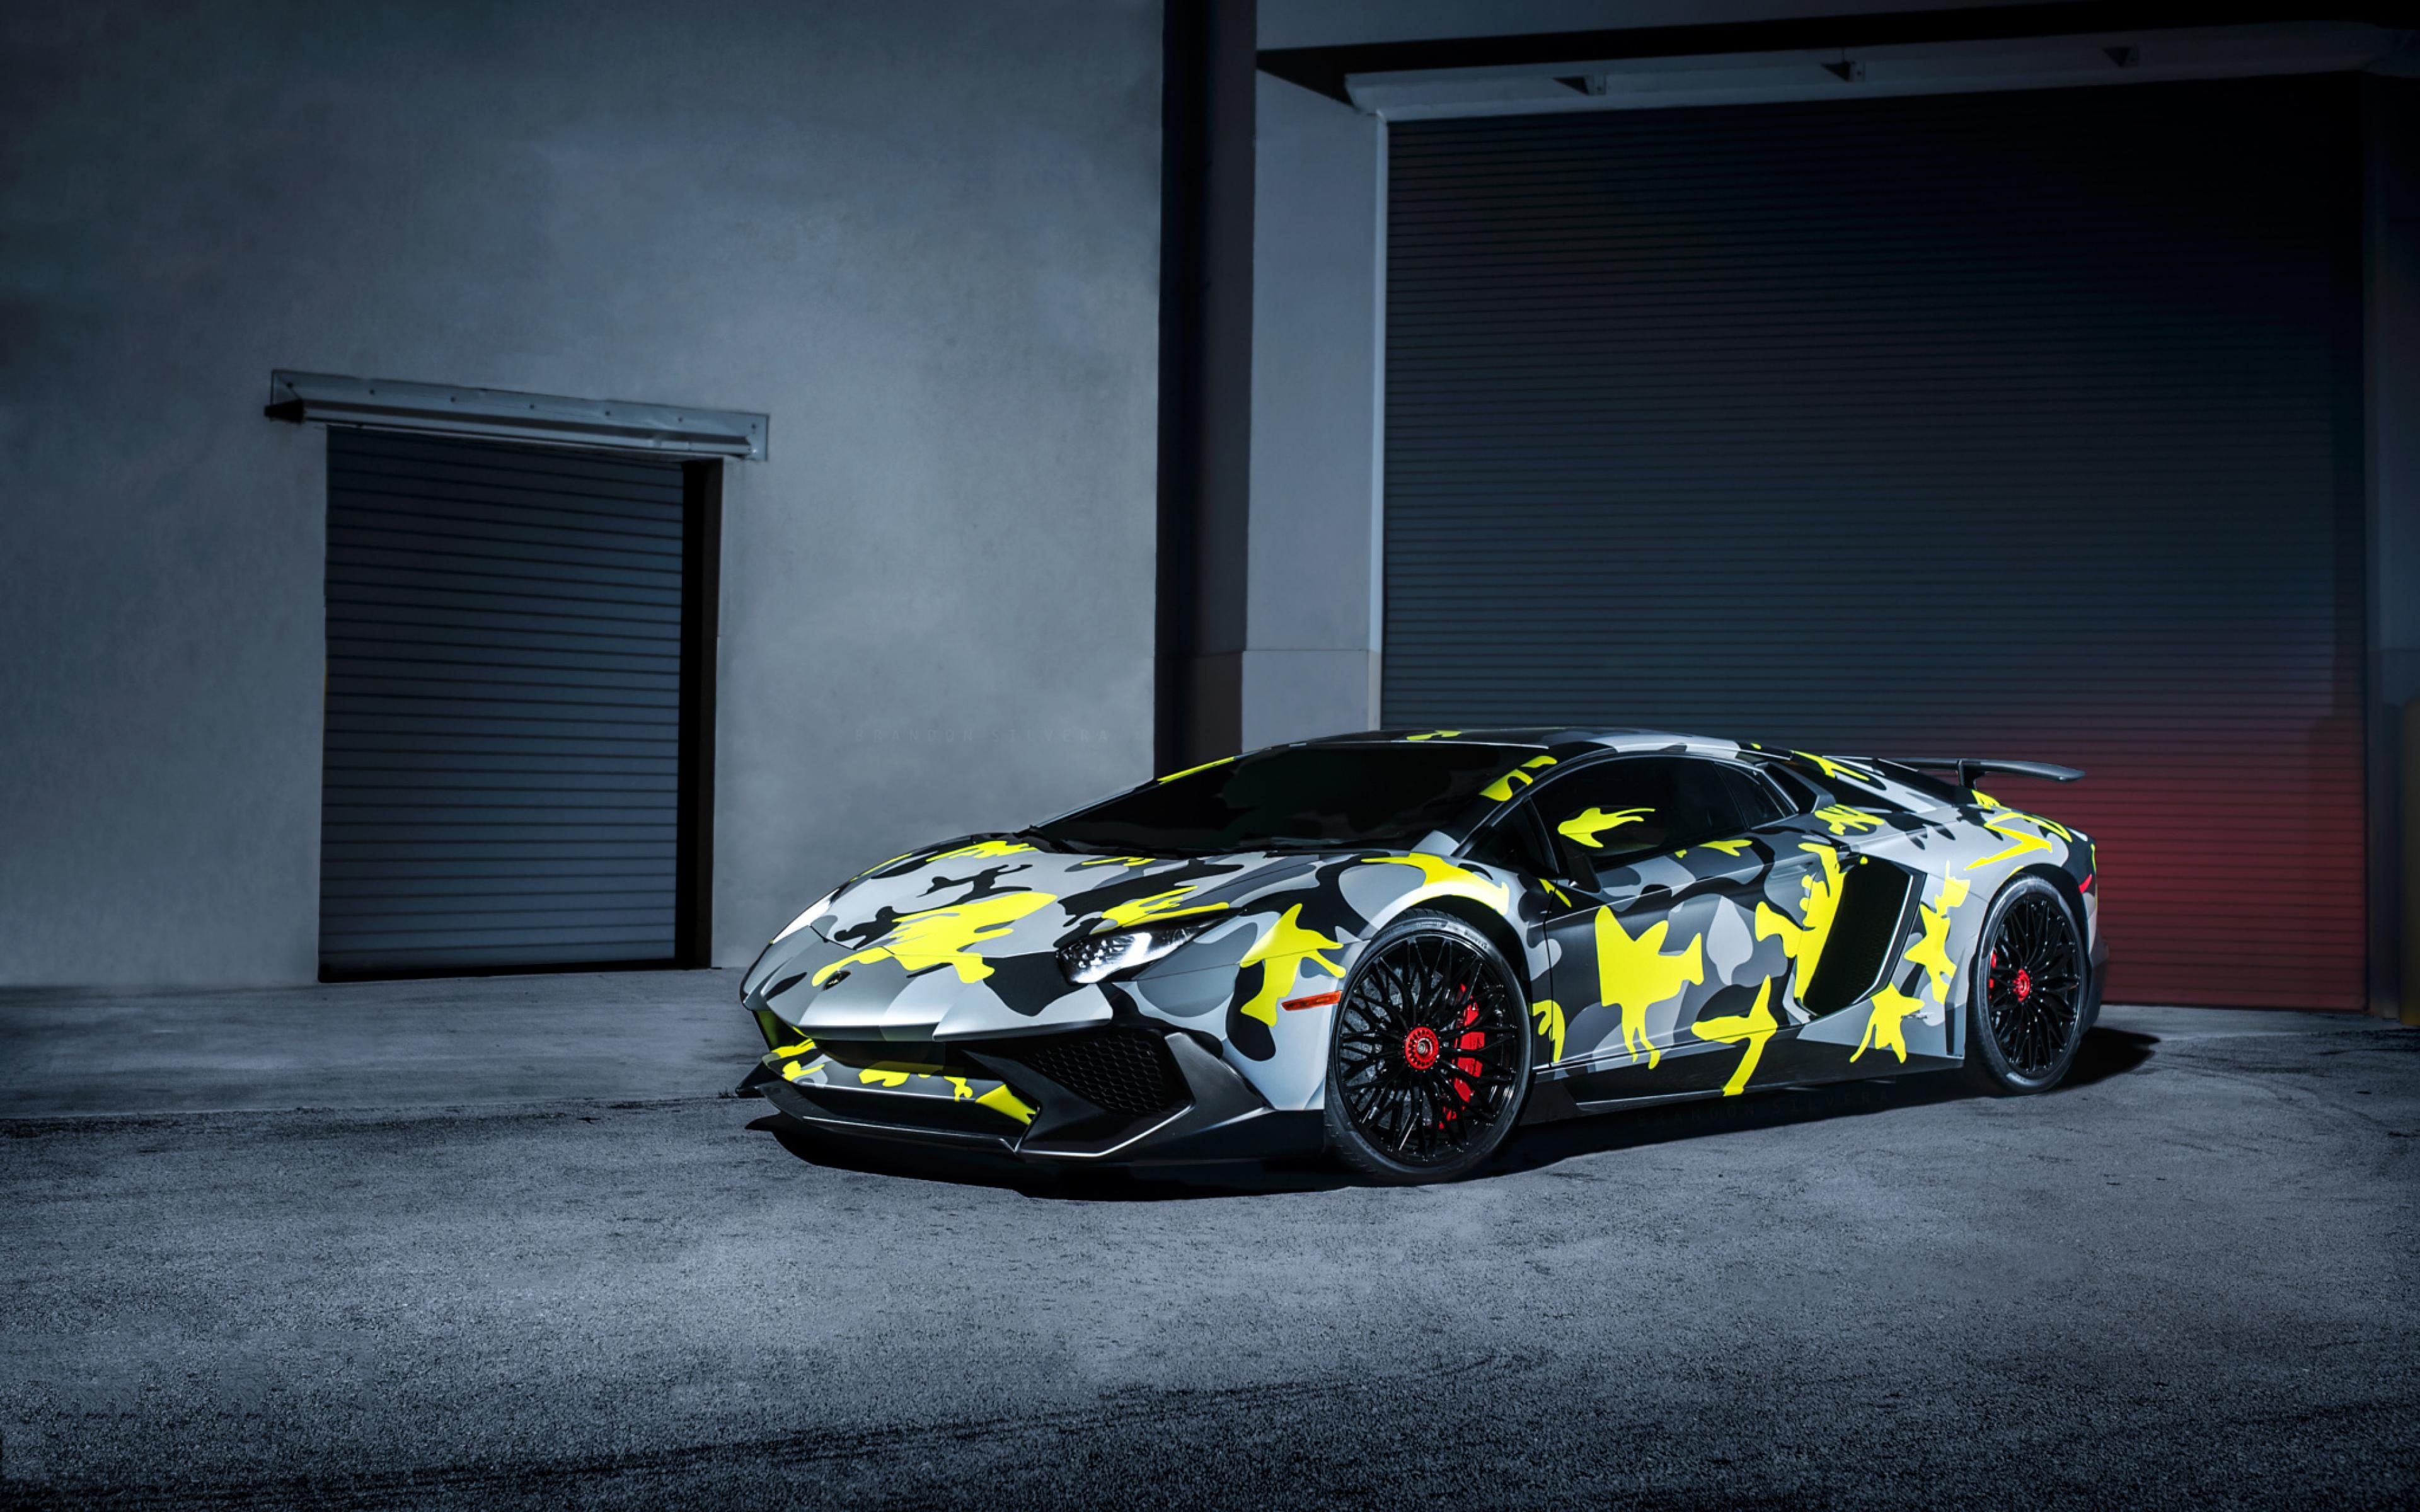 28 Yellow Lamborghini Wallpapers On Wallpapersafari